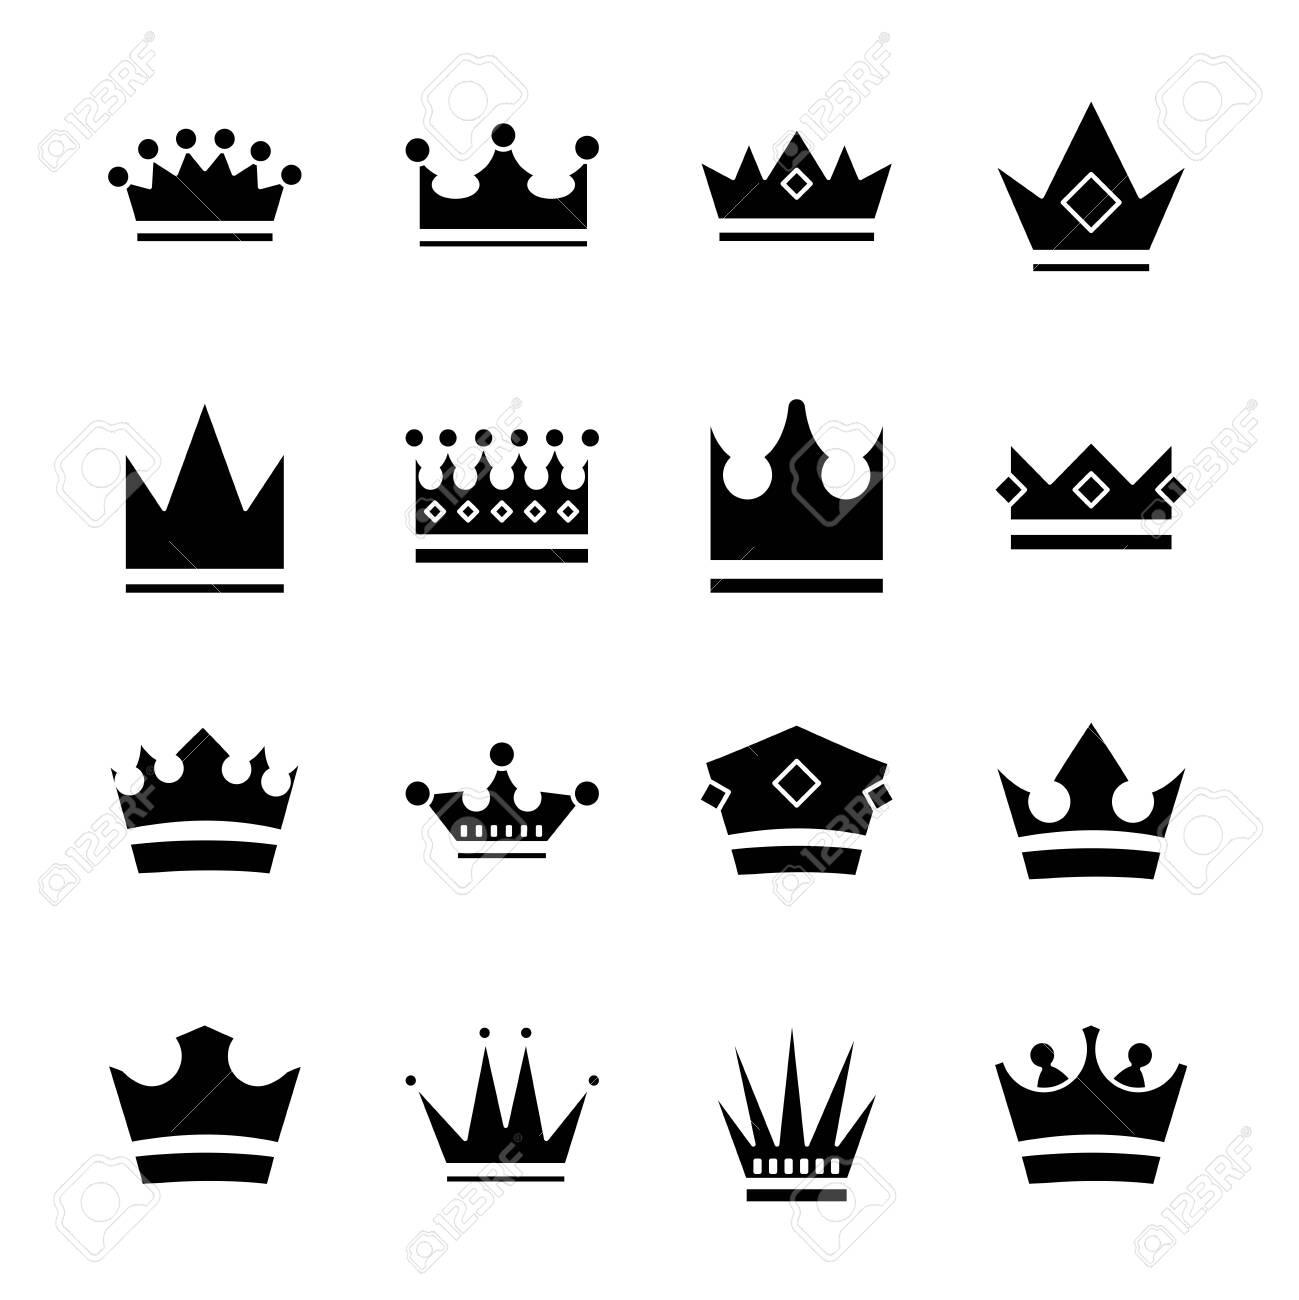 bundle of crowns royal set icons vector illustration design - 151041178